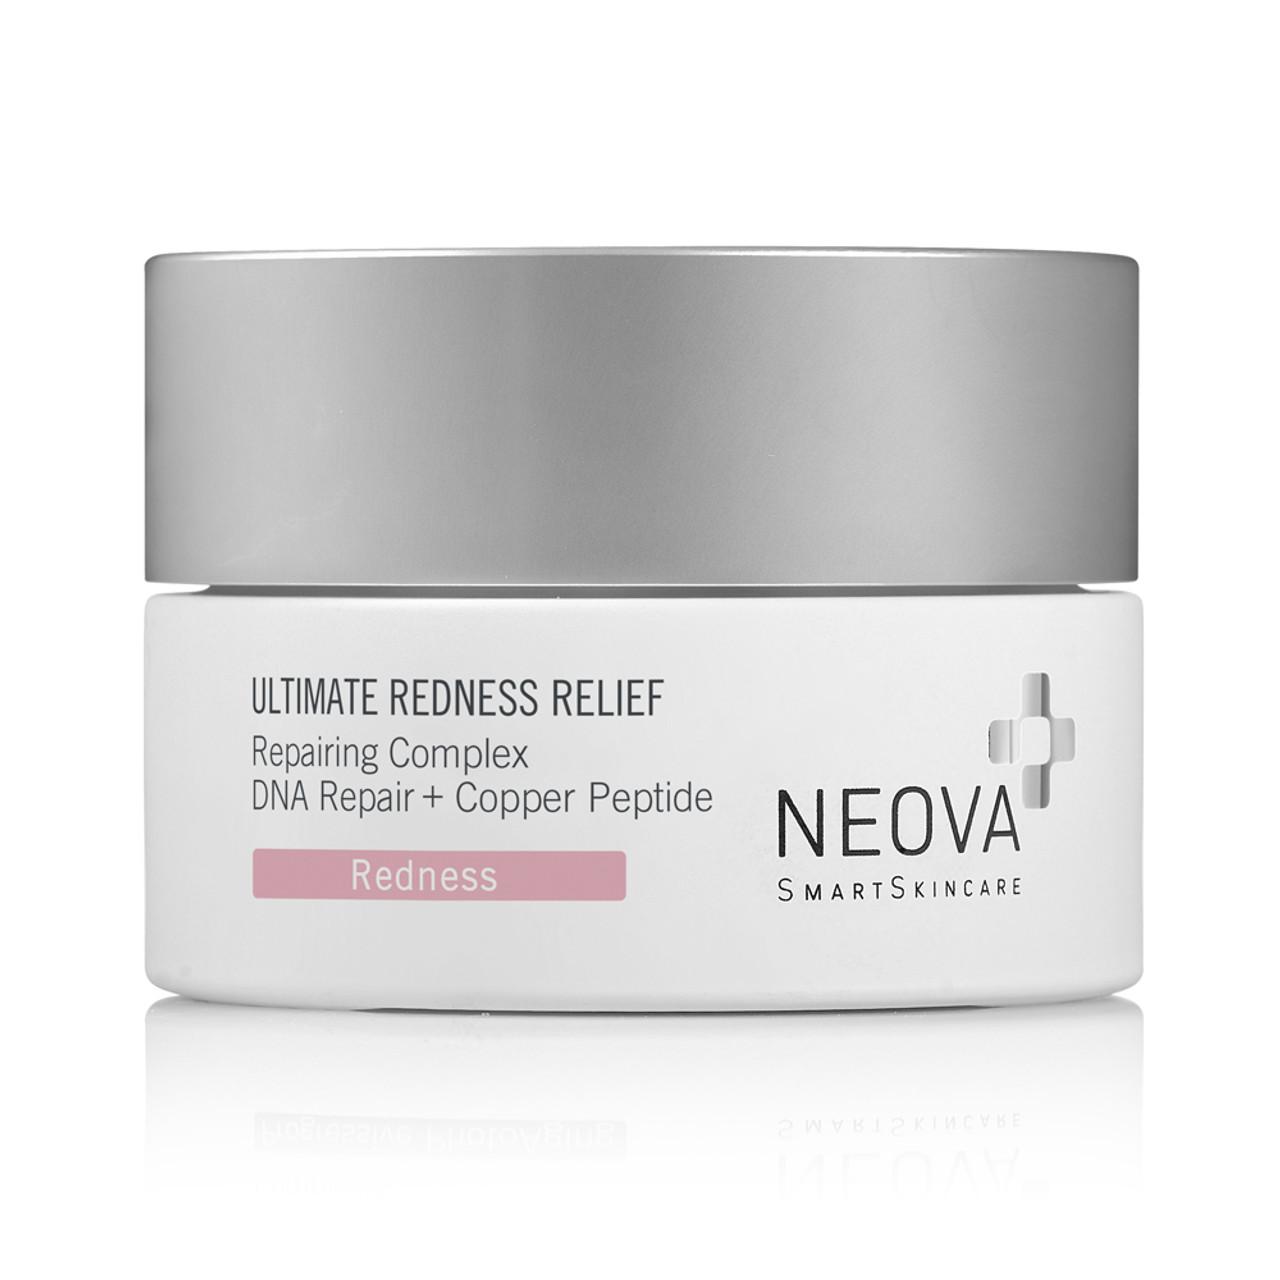 Neova Ultimate Redness Relief BeautifiedYou.com